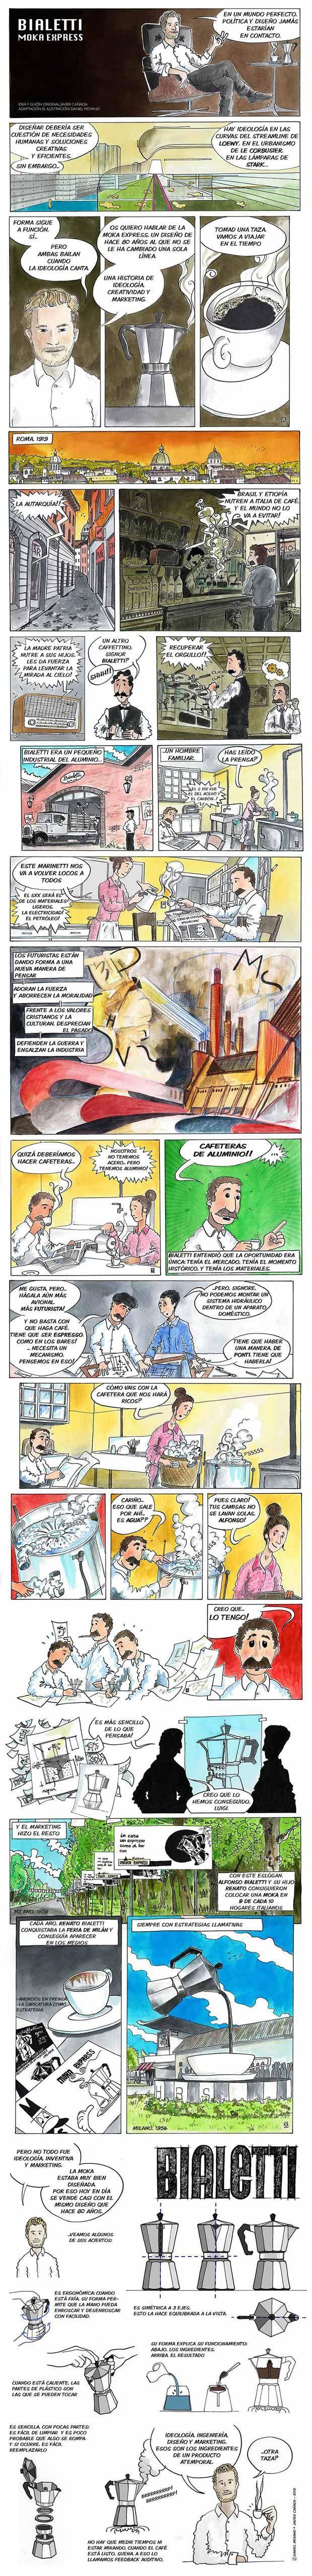 ¿Conoces la historia de la cafetera italiana? Este cómic te la cuenta